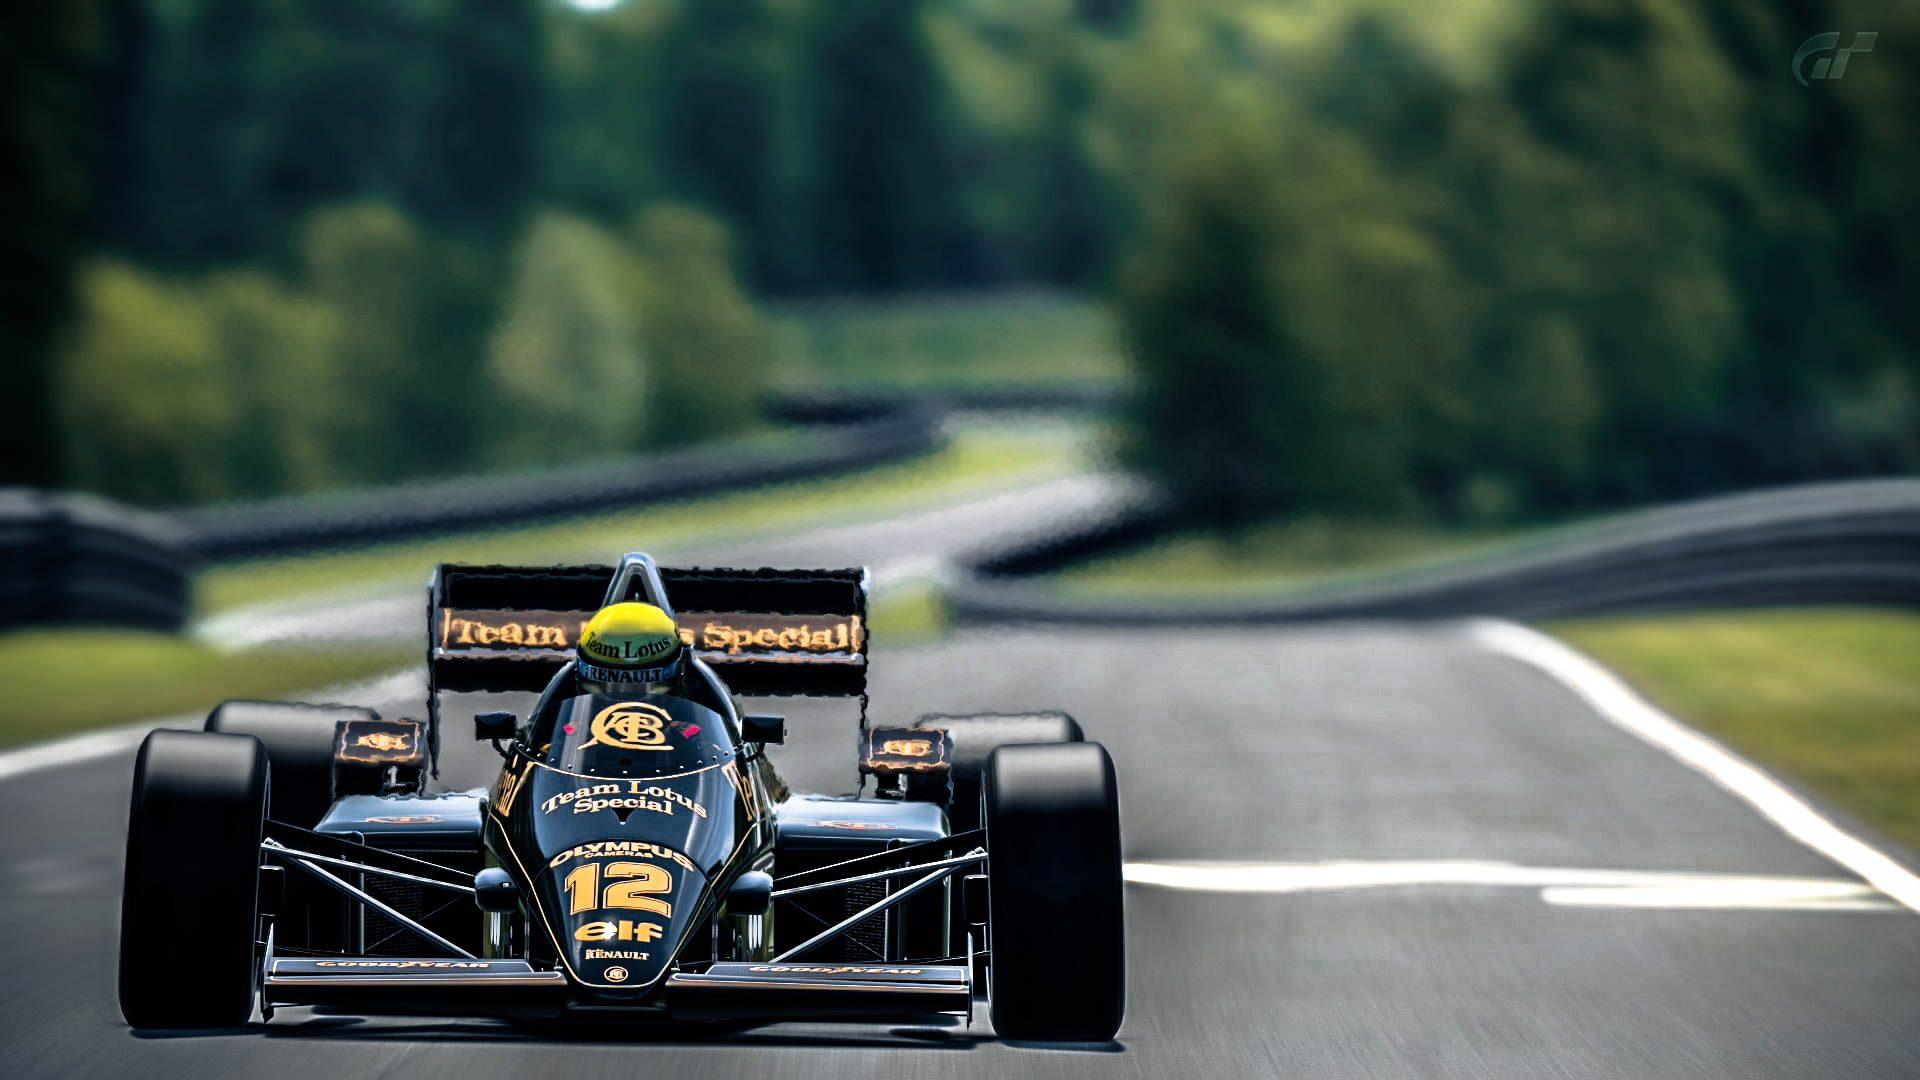 Senna_6.jpg